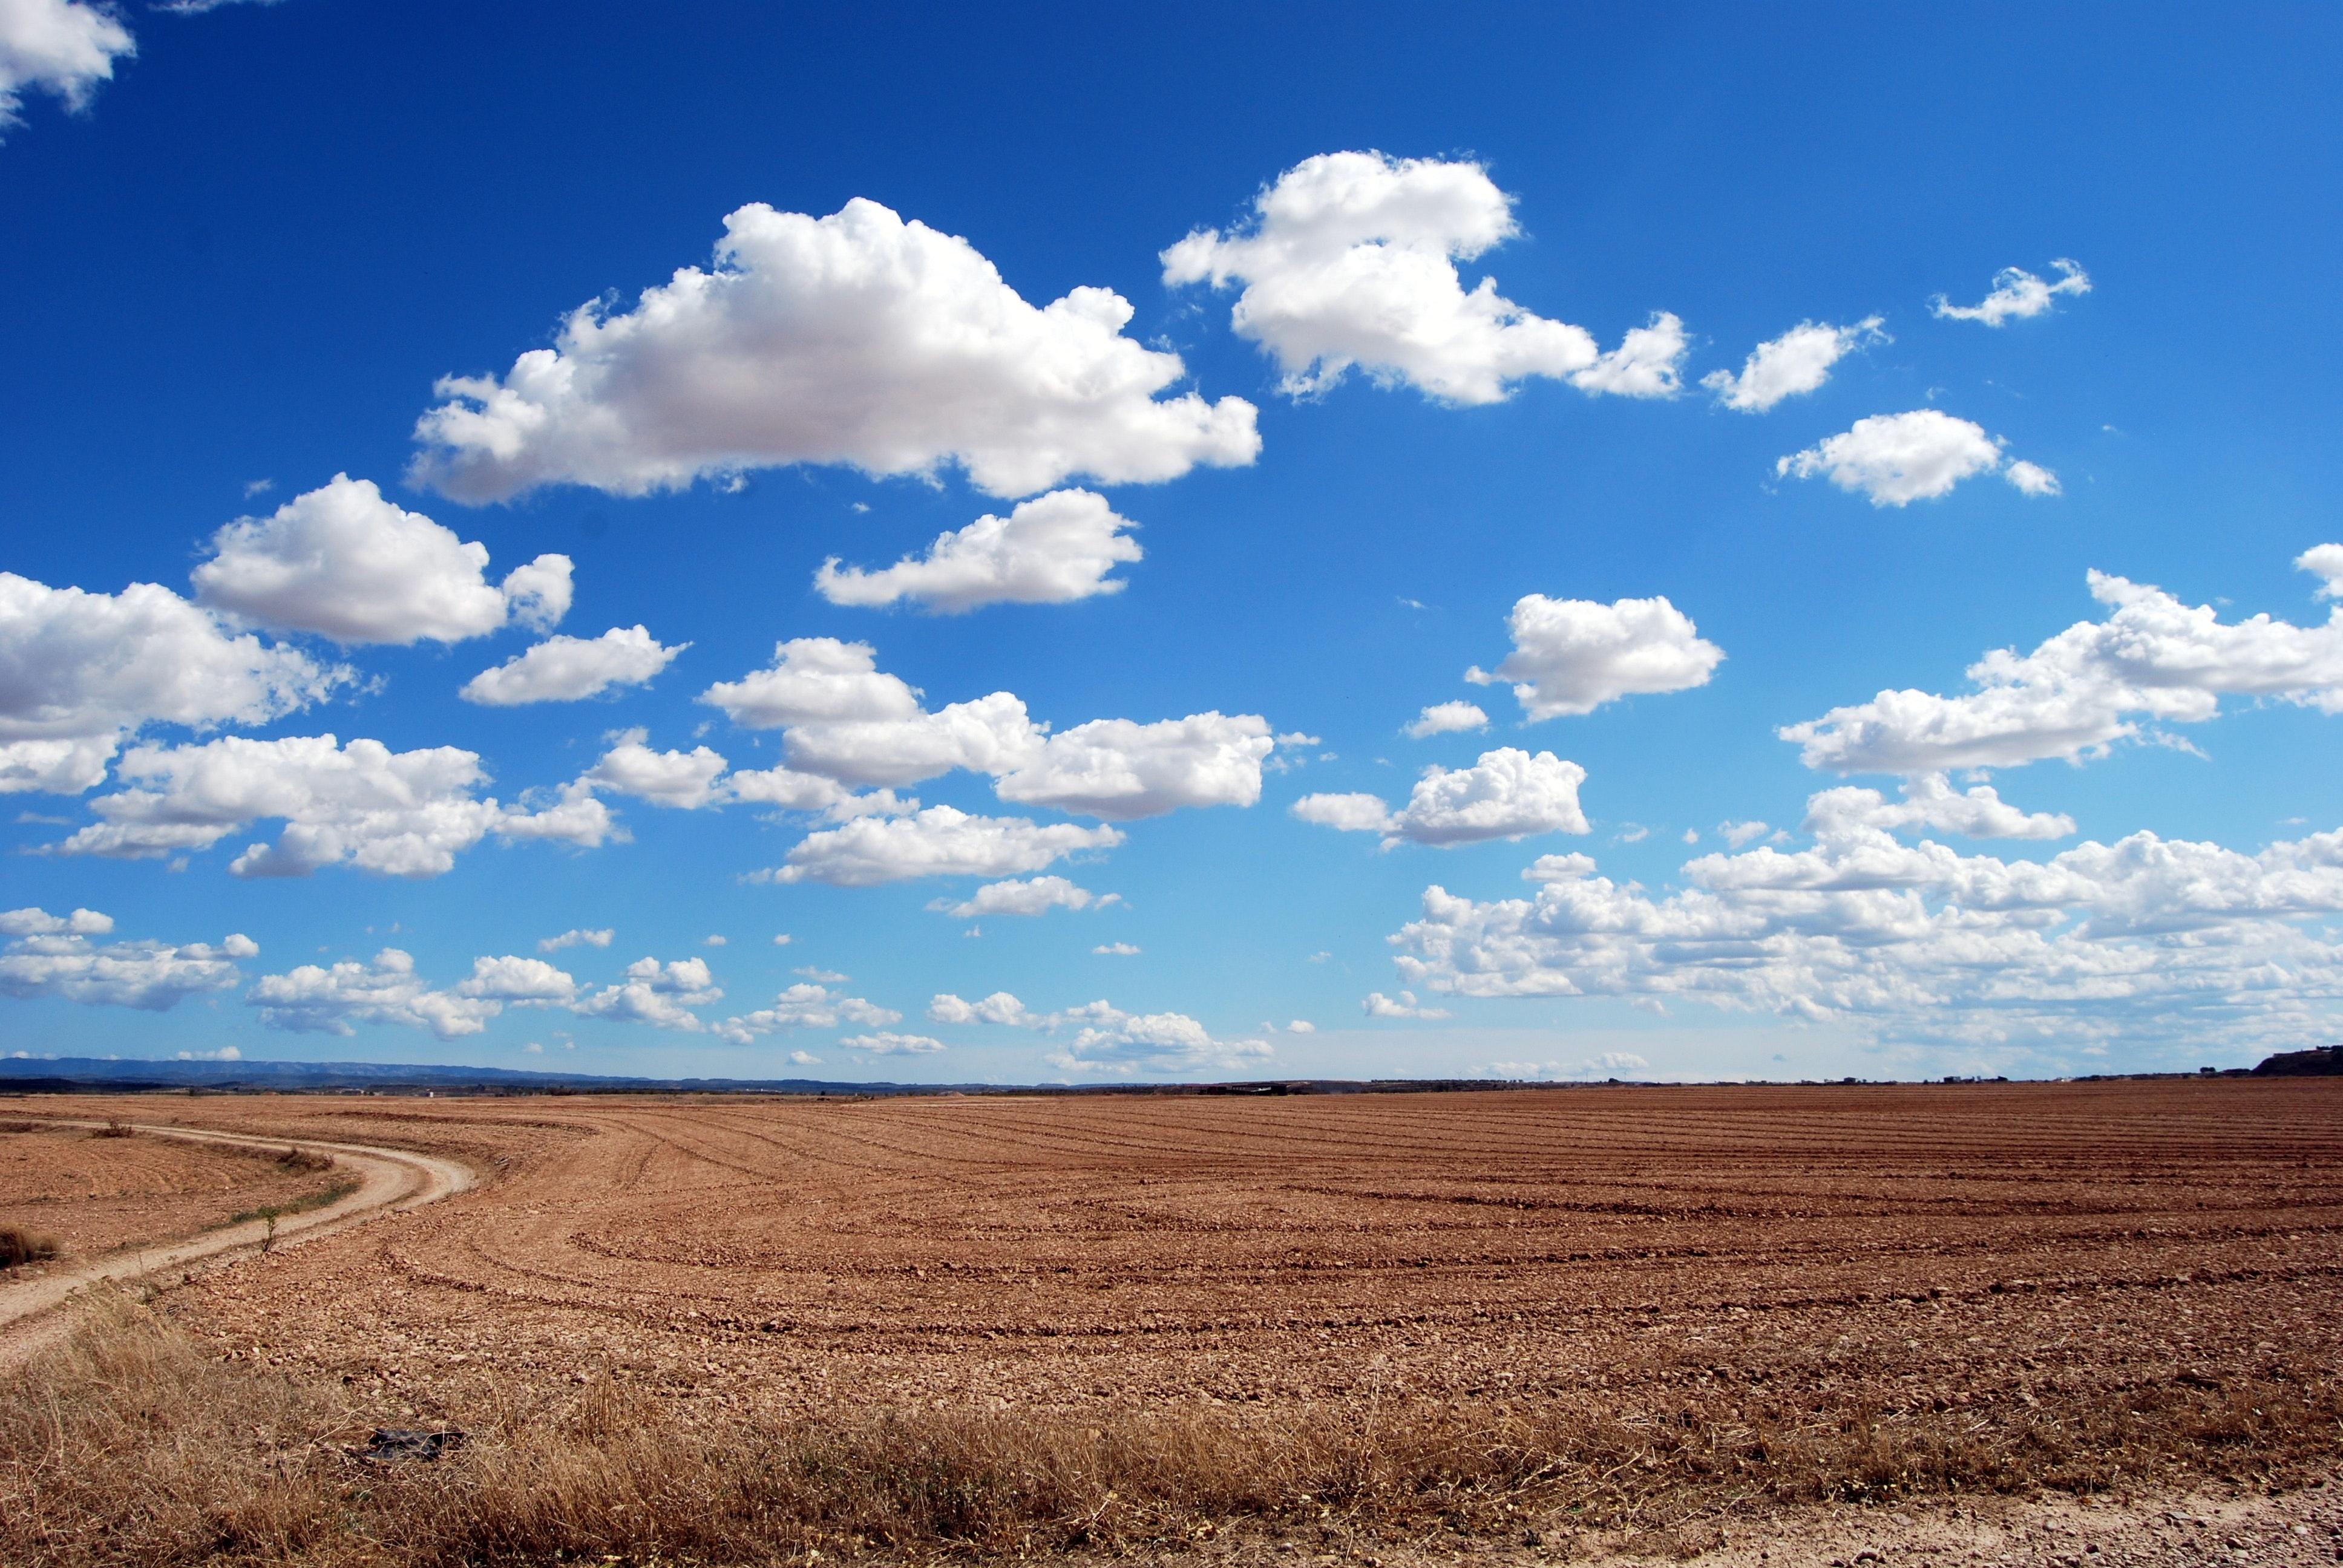 agriculture-arid-bright-46160 (1)